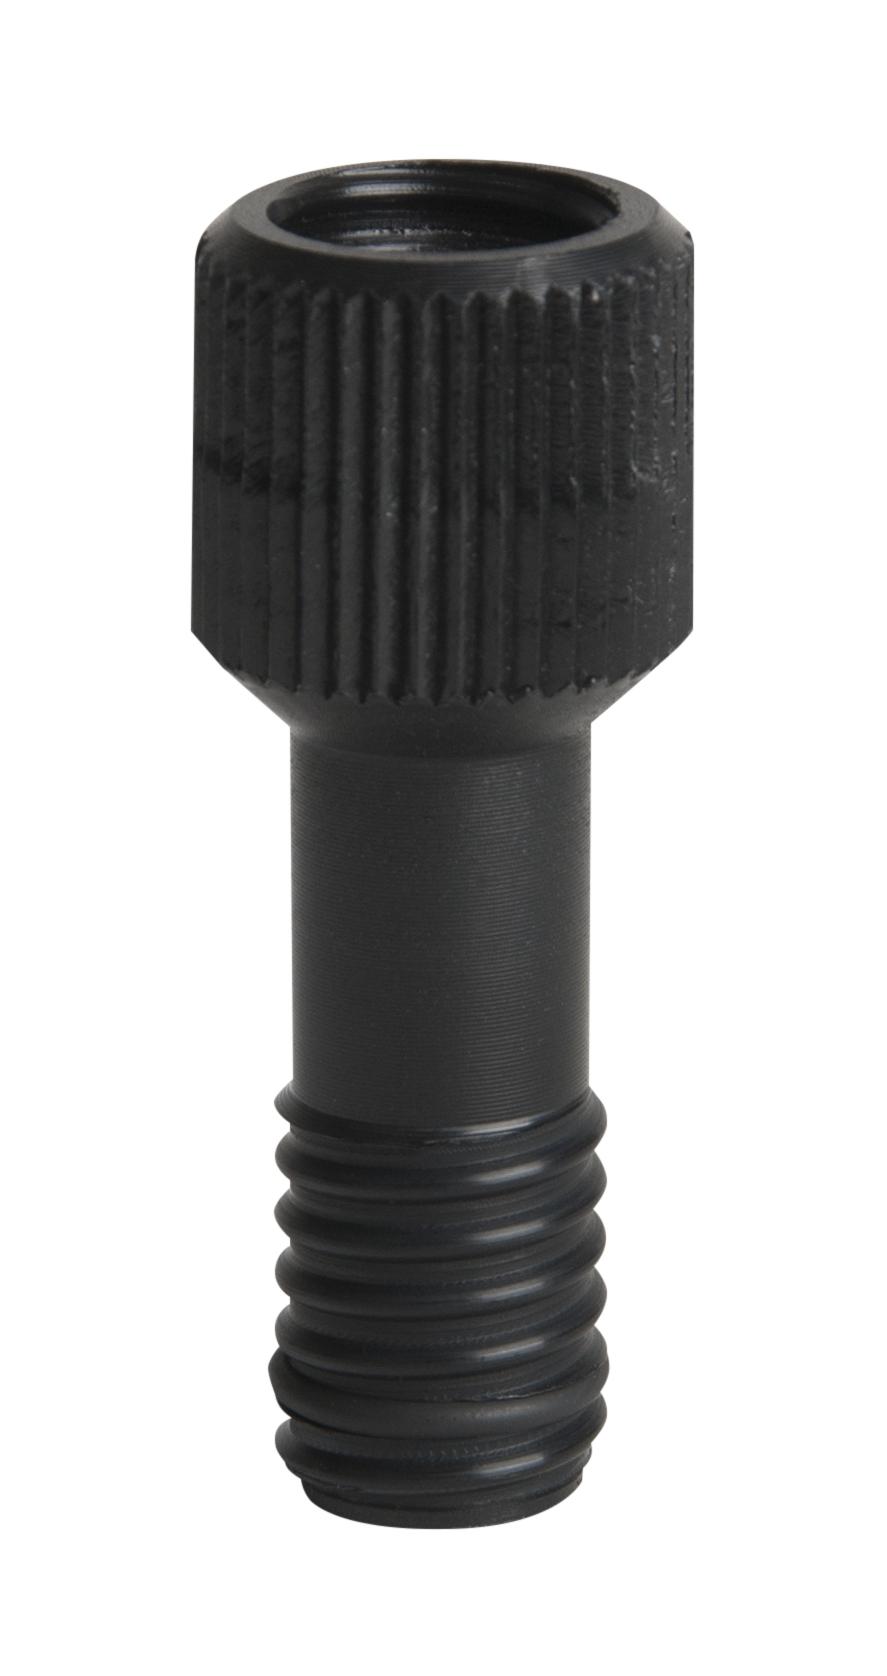 Verlengstuk voor koolstof filter (42107621)